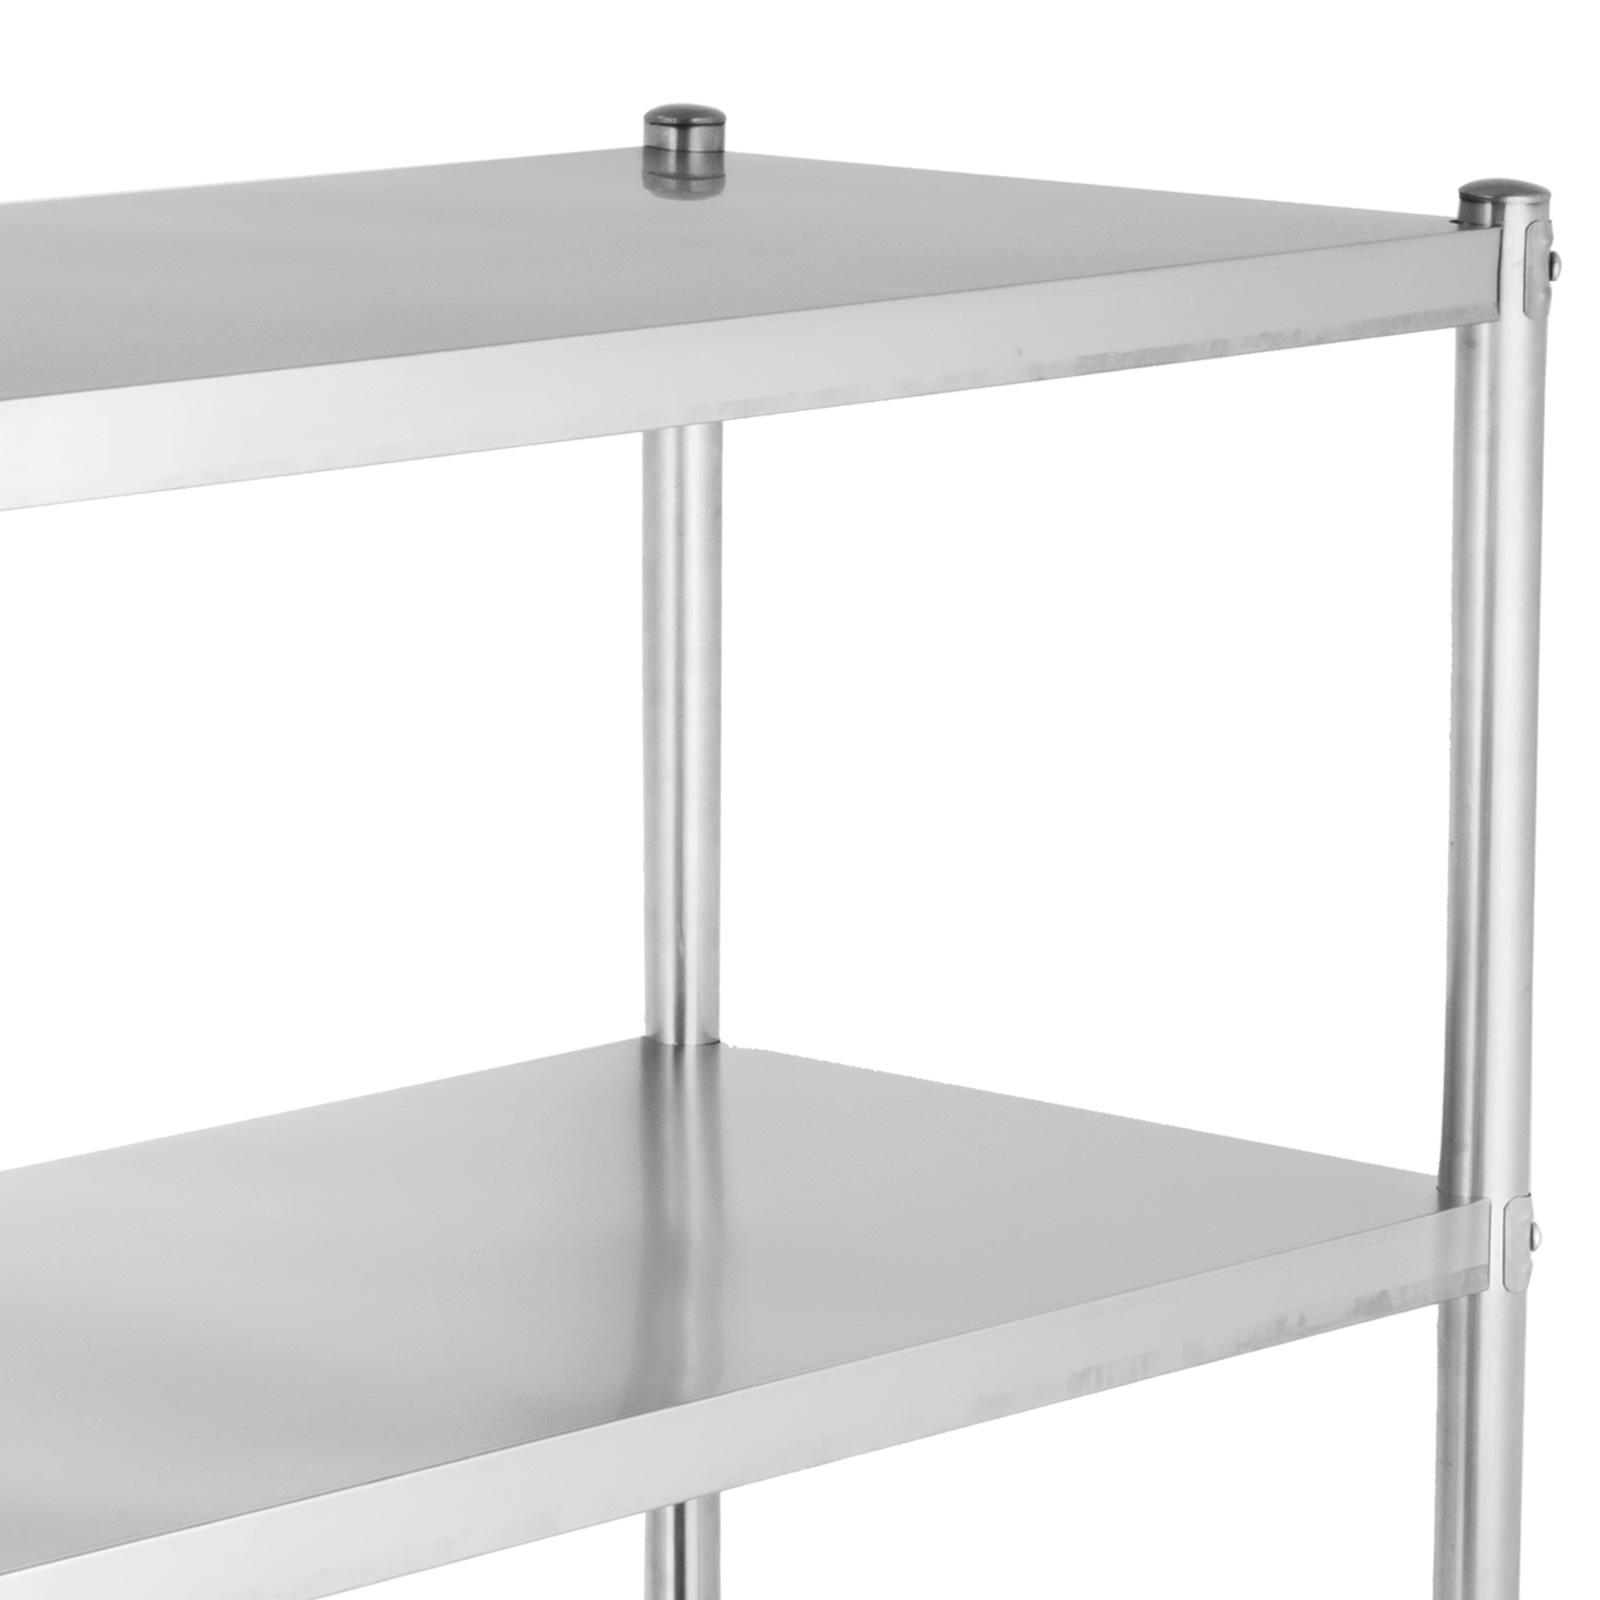 edelstahlregal k chenregal edelstahl regal 4 tier gastro 150kg boden pro ebay. Black Bedroom Furniture Sets. Home Design Ideas